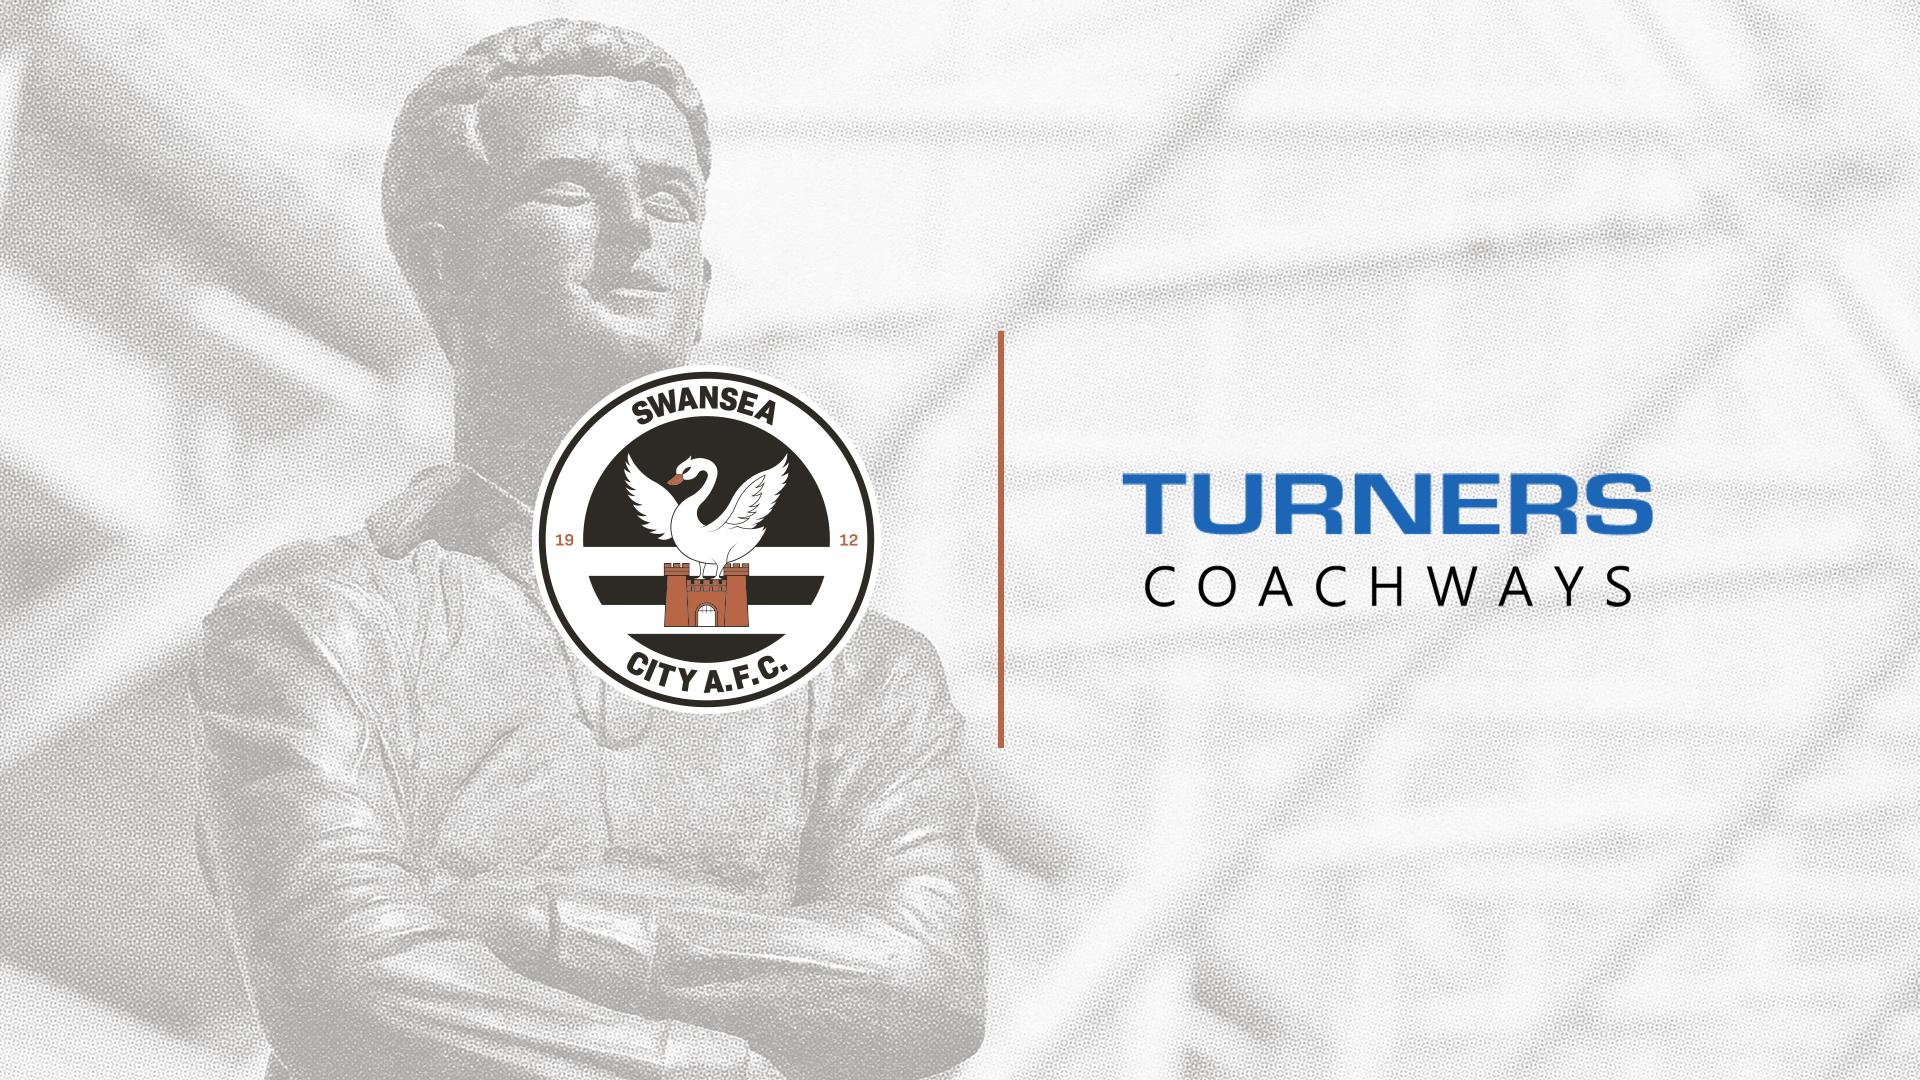 Turners Coachways